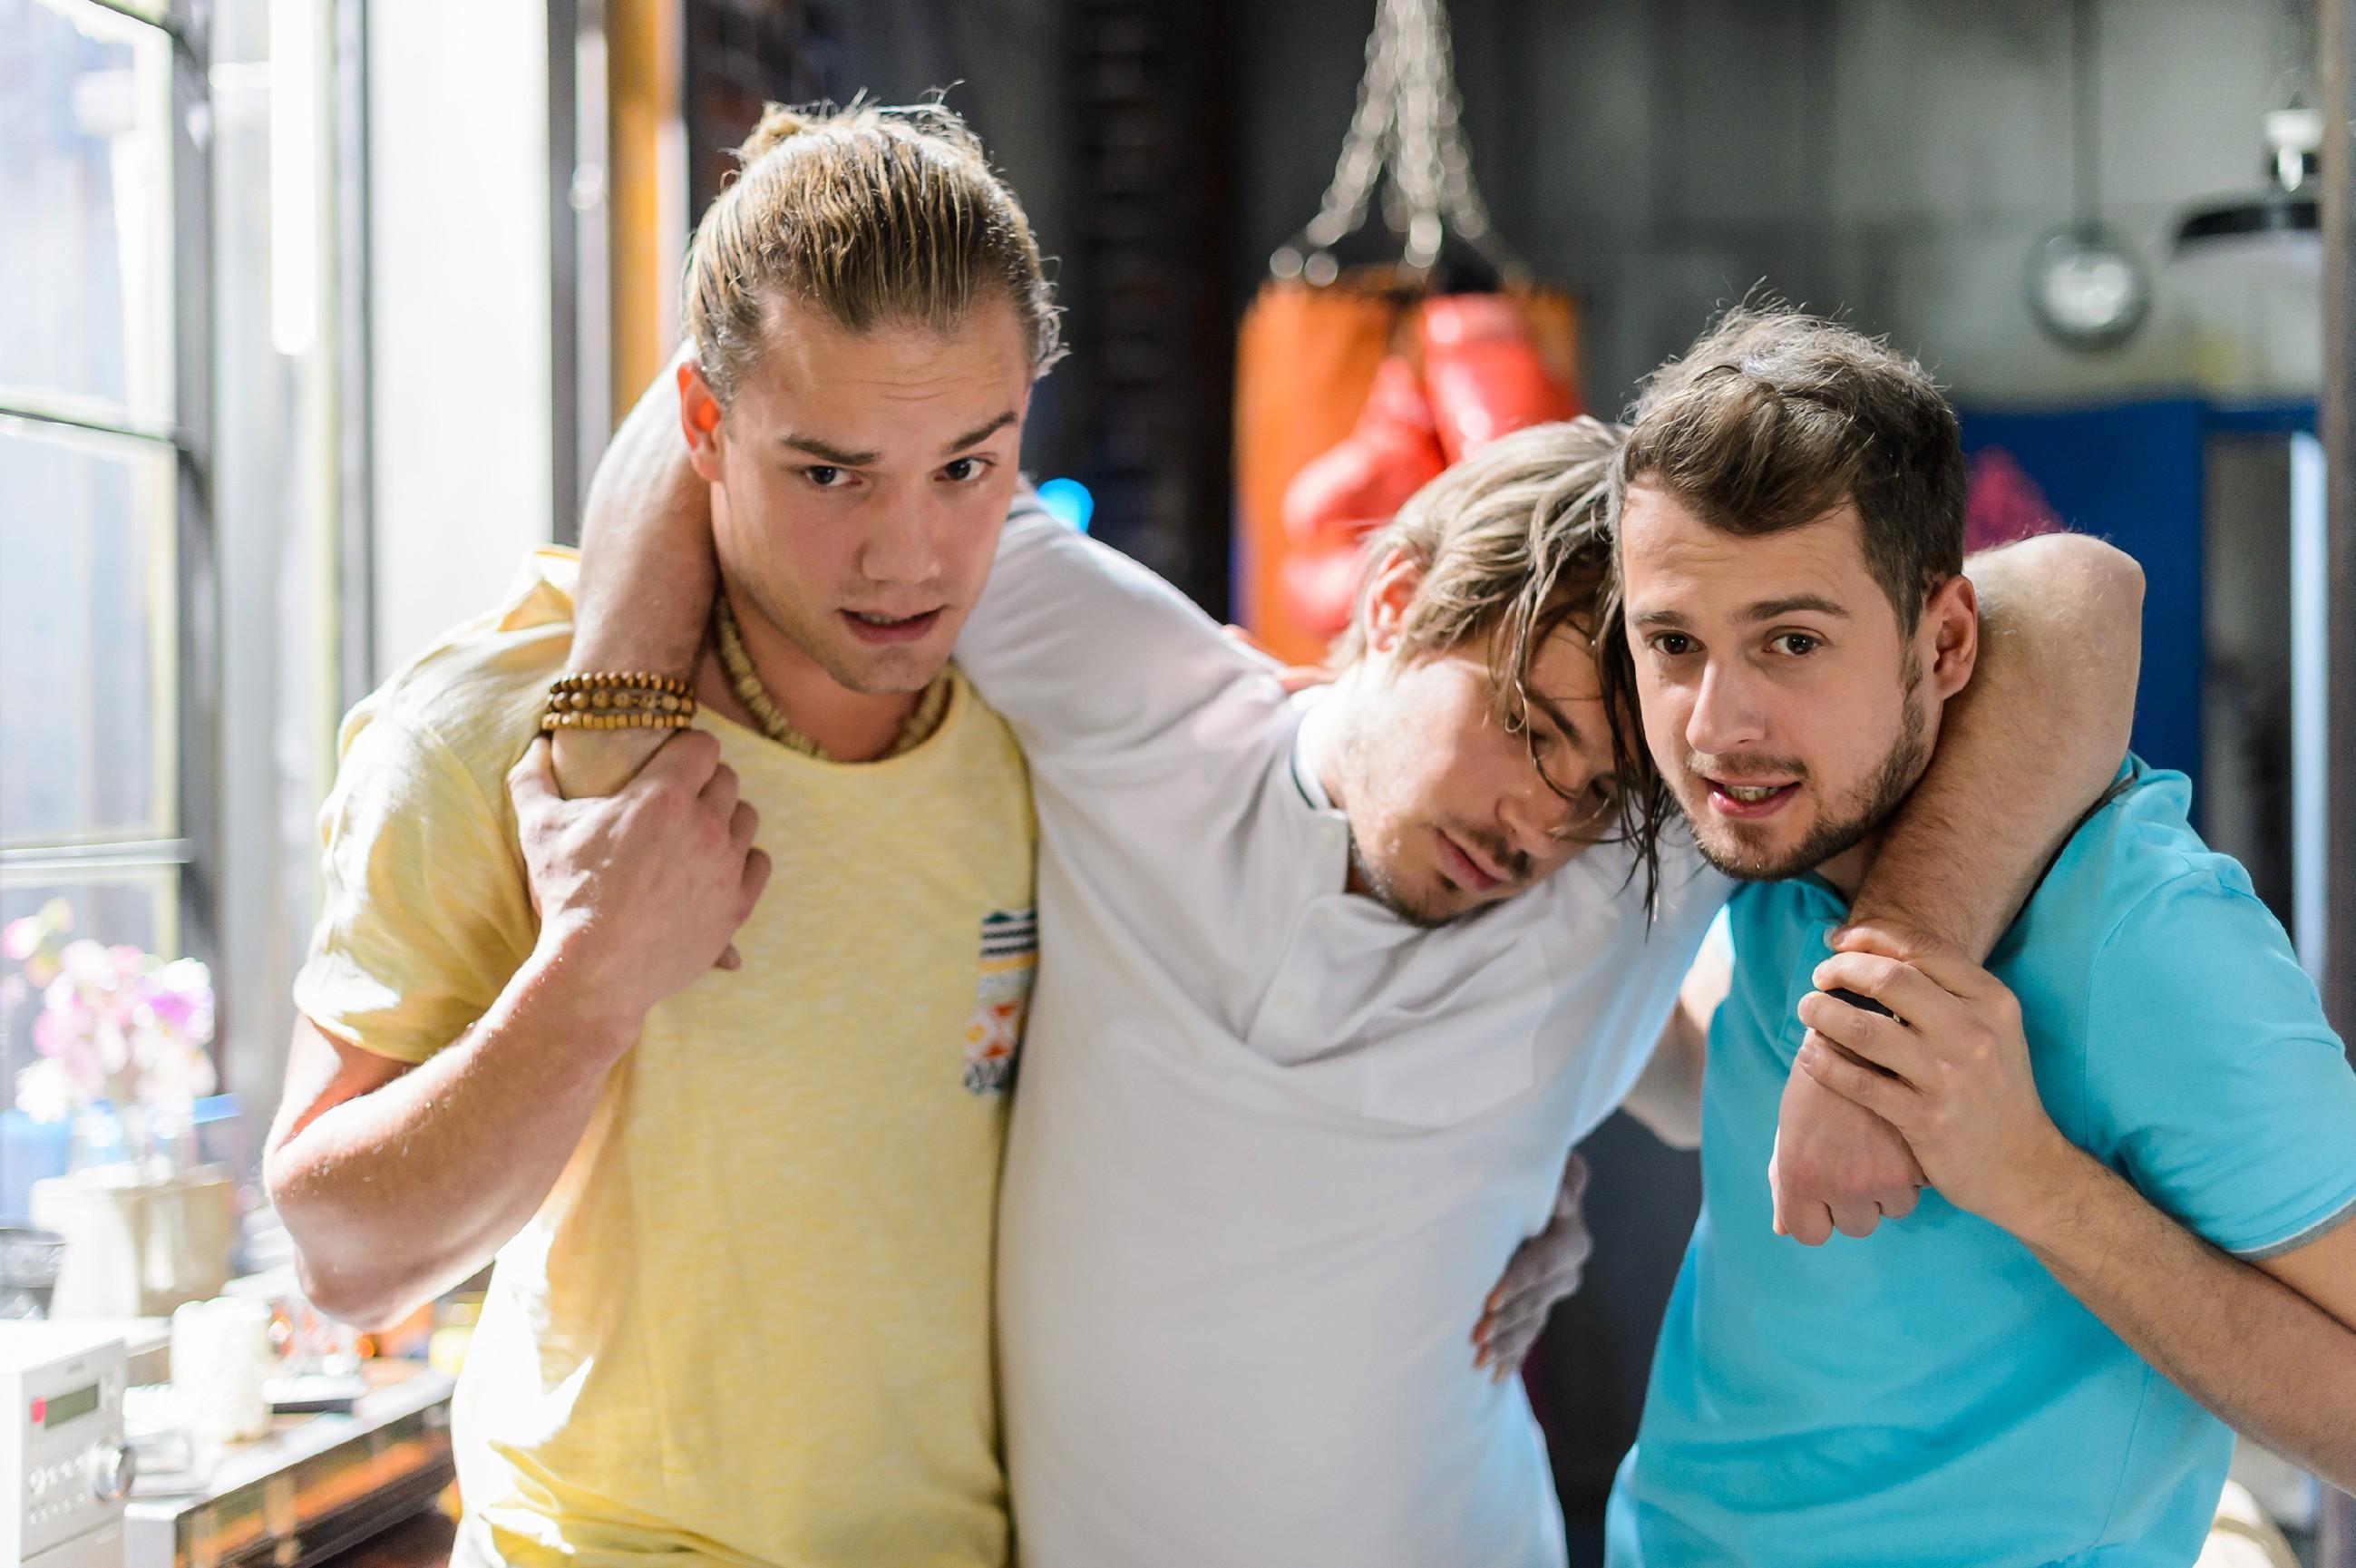 Leo (Julian Bayer, l.) und Tobi (Michael Jassin, r.) kümmern sich um Sam (Alexander Milz), der von Leo abgefüllt wurde, damit er nicht mit Marie flirten kann.